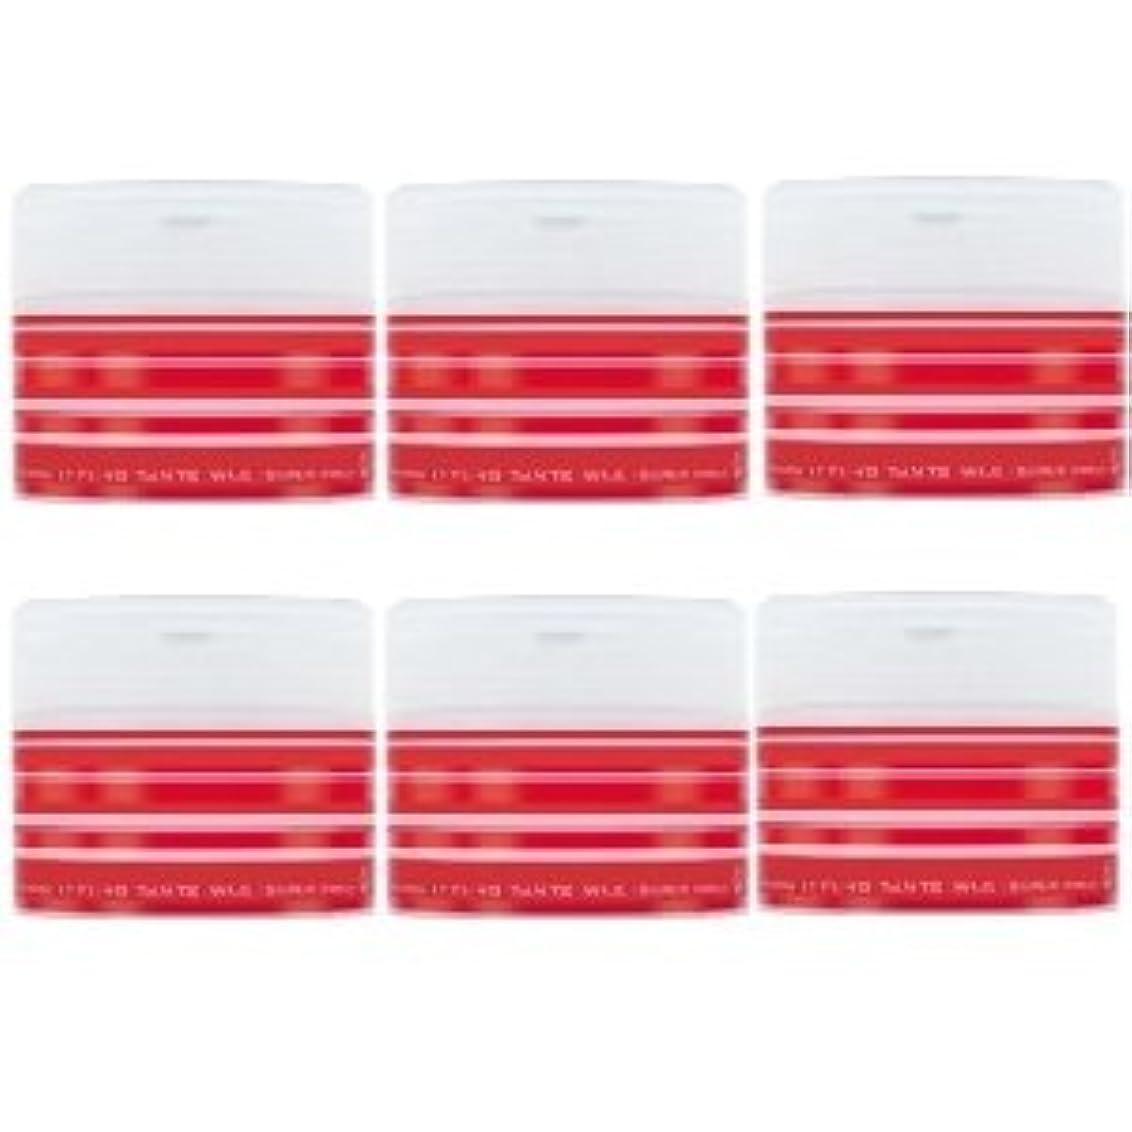 歌う調和のとれた安心させるナカノ スタイリング タントN ワックス 5 スーパーハード 90g × 6個セット